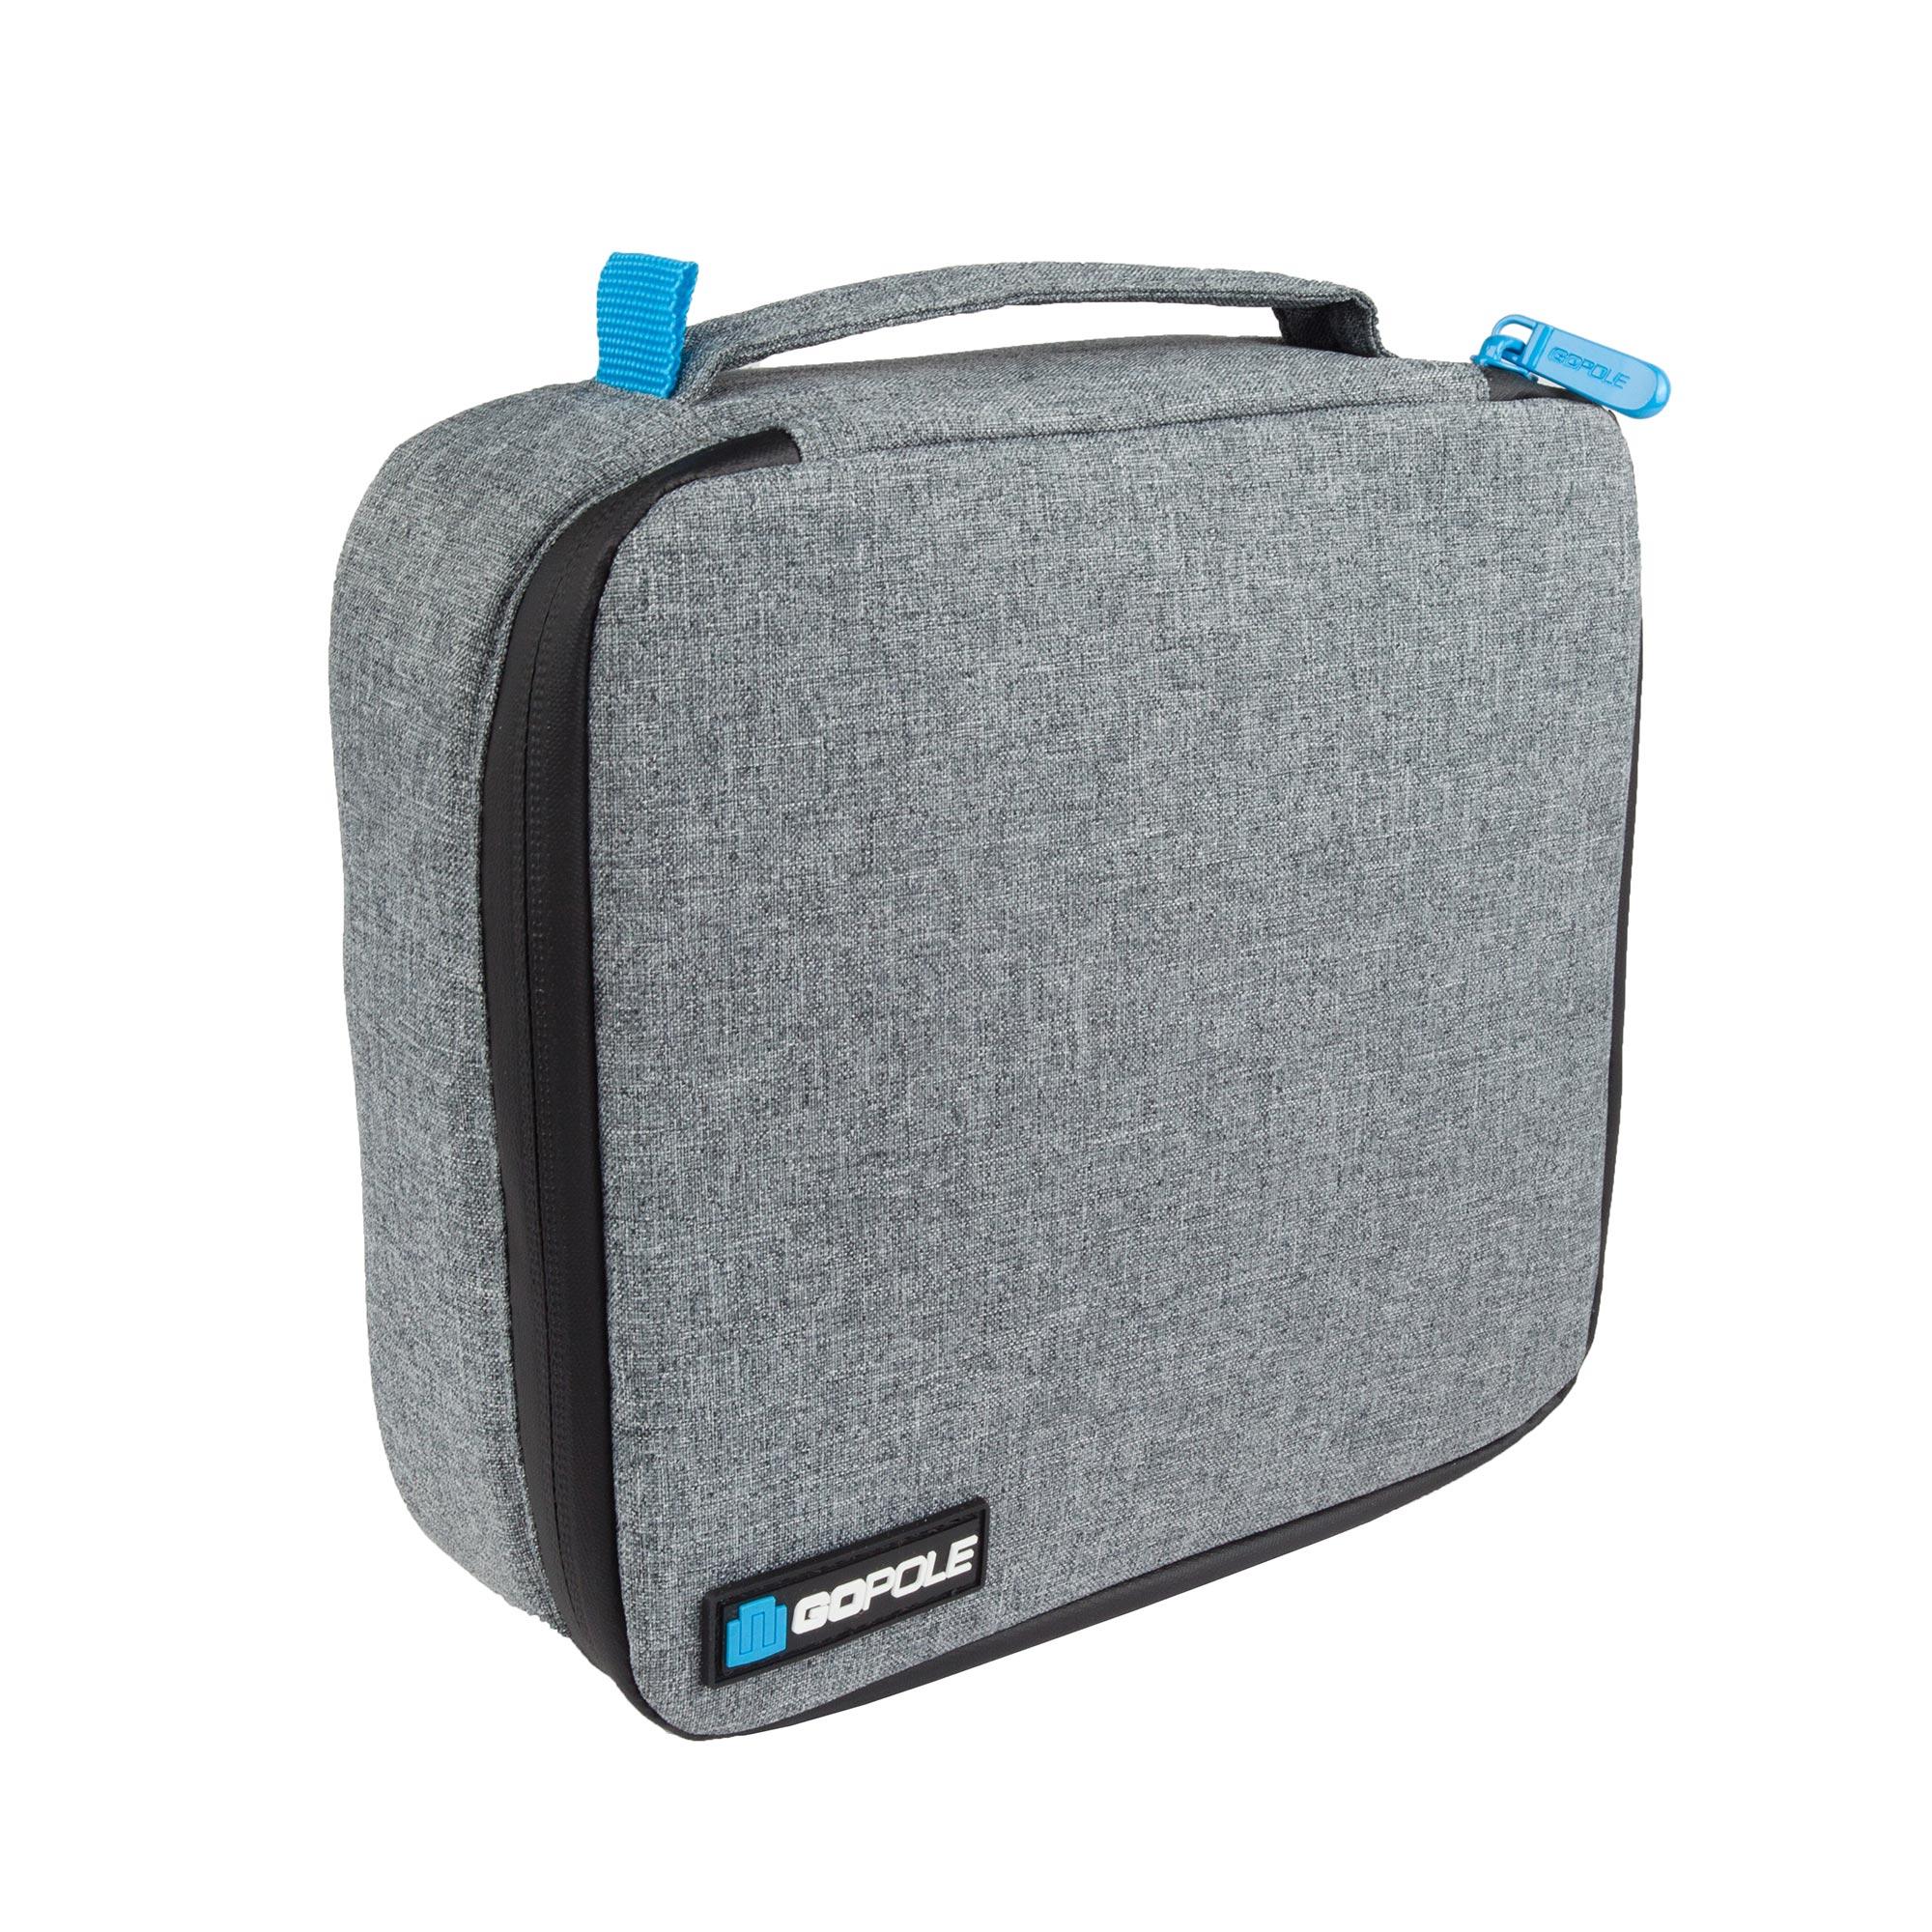 gopole venture case taschen aufbewahrung gopro zubeh r. Black Bedroom Furniture Sets. Home Design Ideas